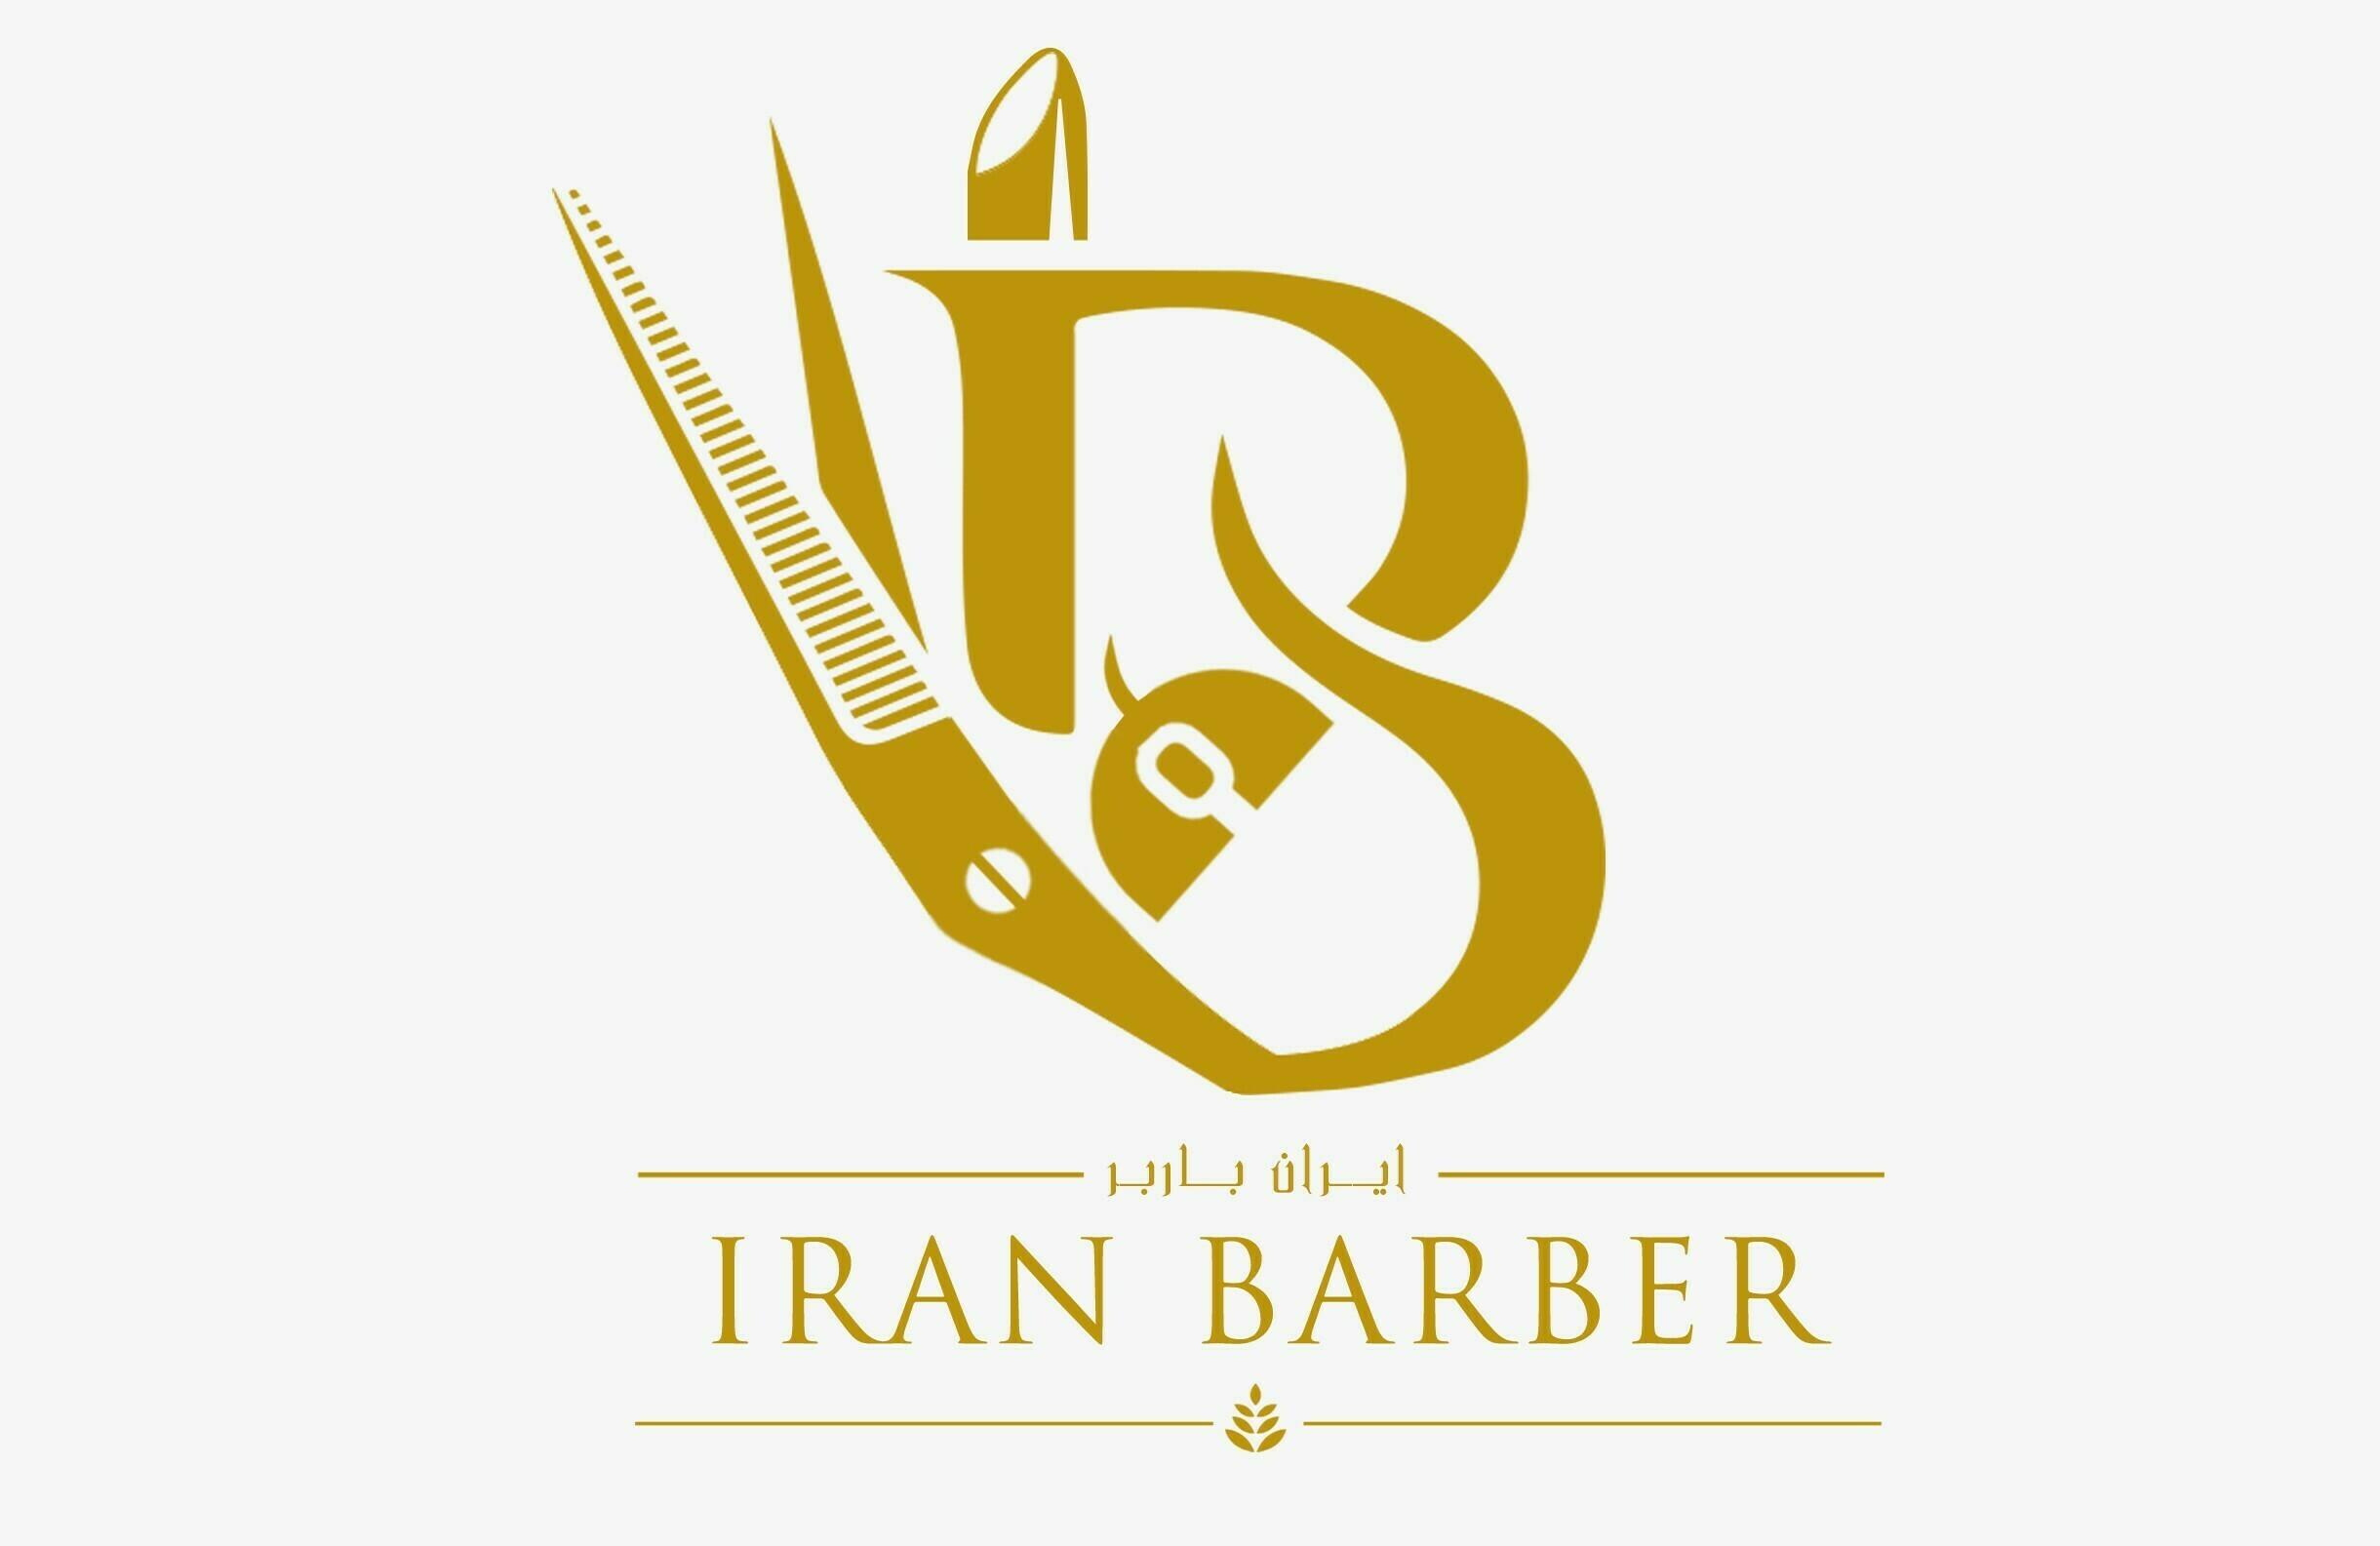 طراحی آرم ایران باربر